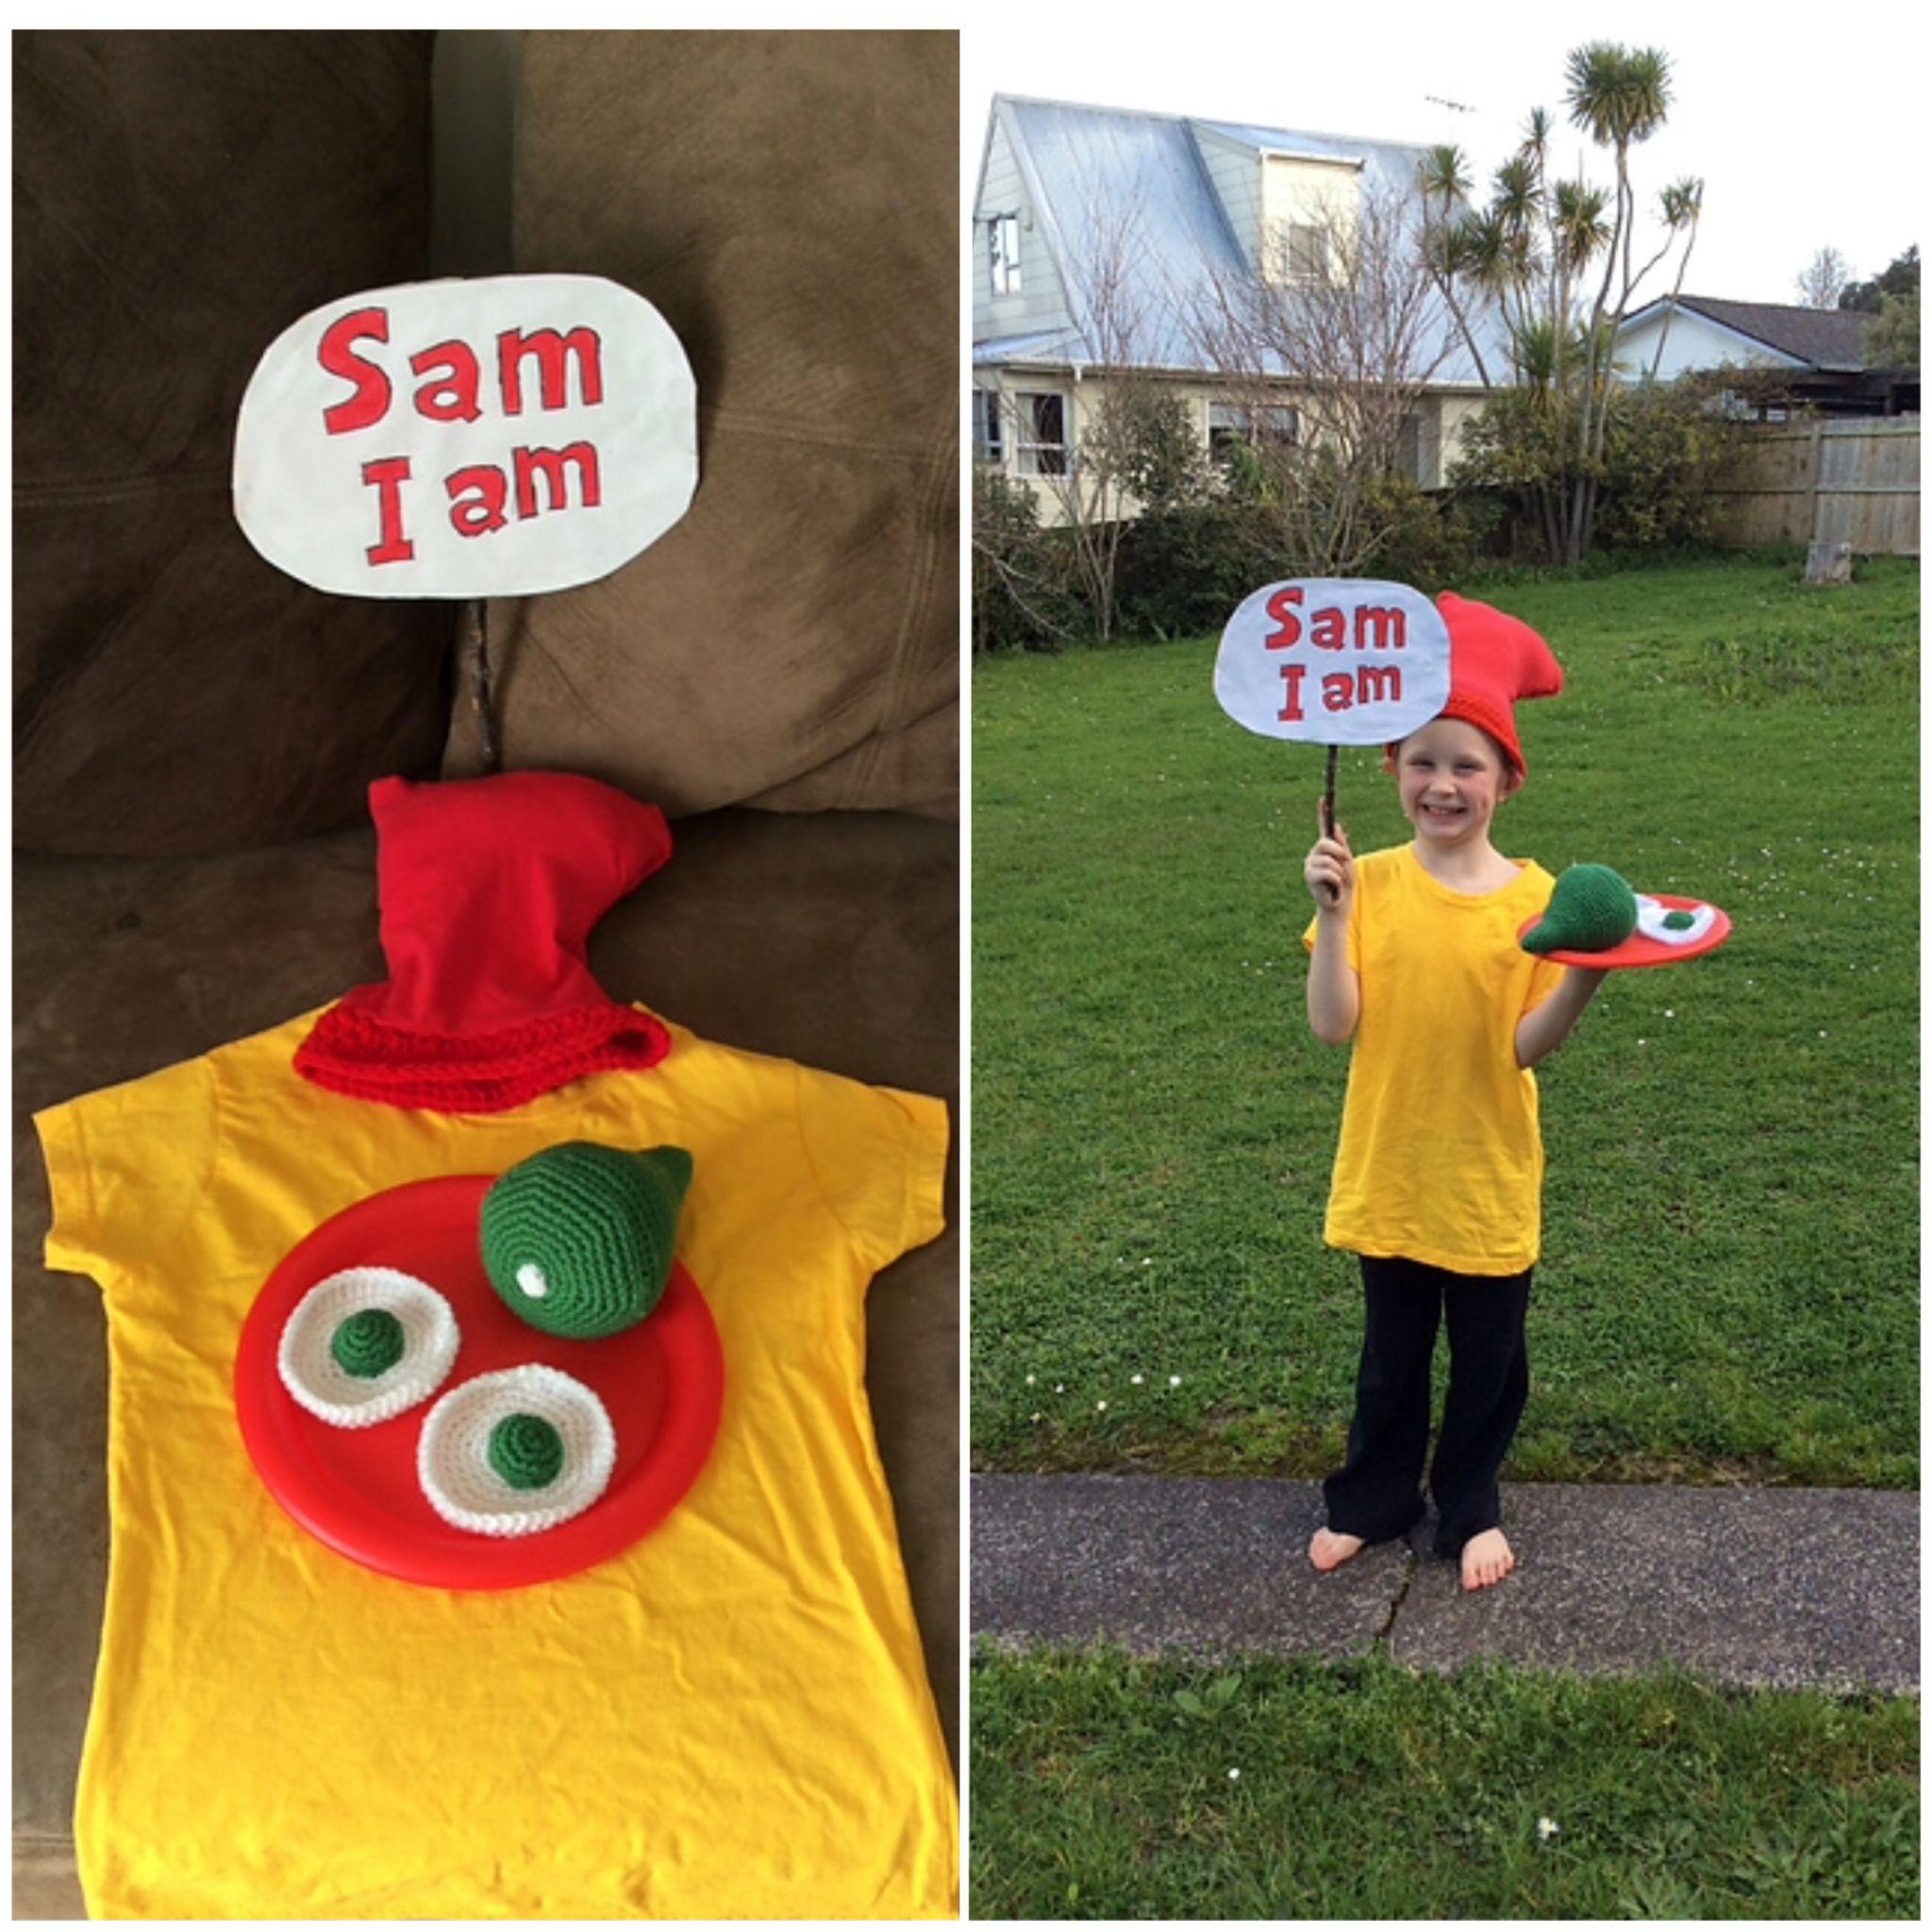 sam i am, green eggs and ham, book week, easy costume, halloween